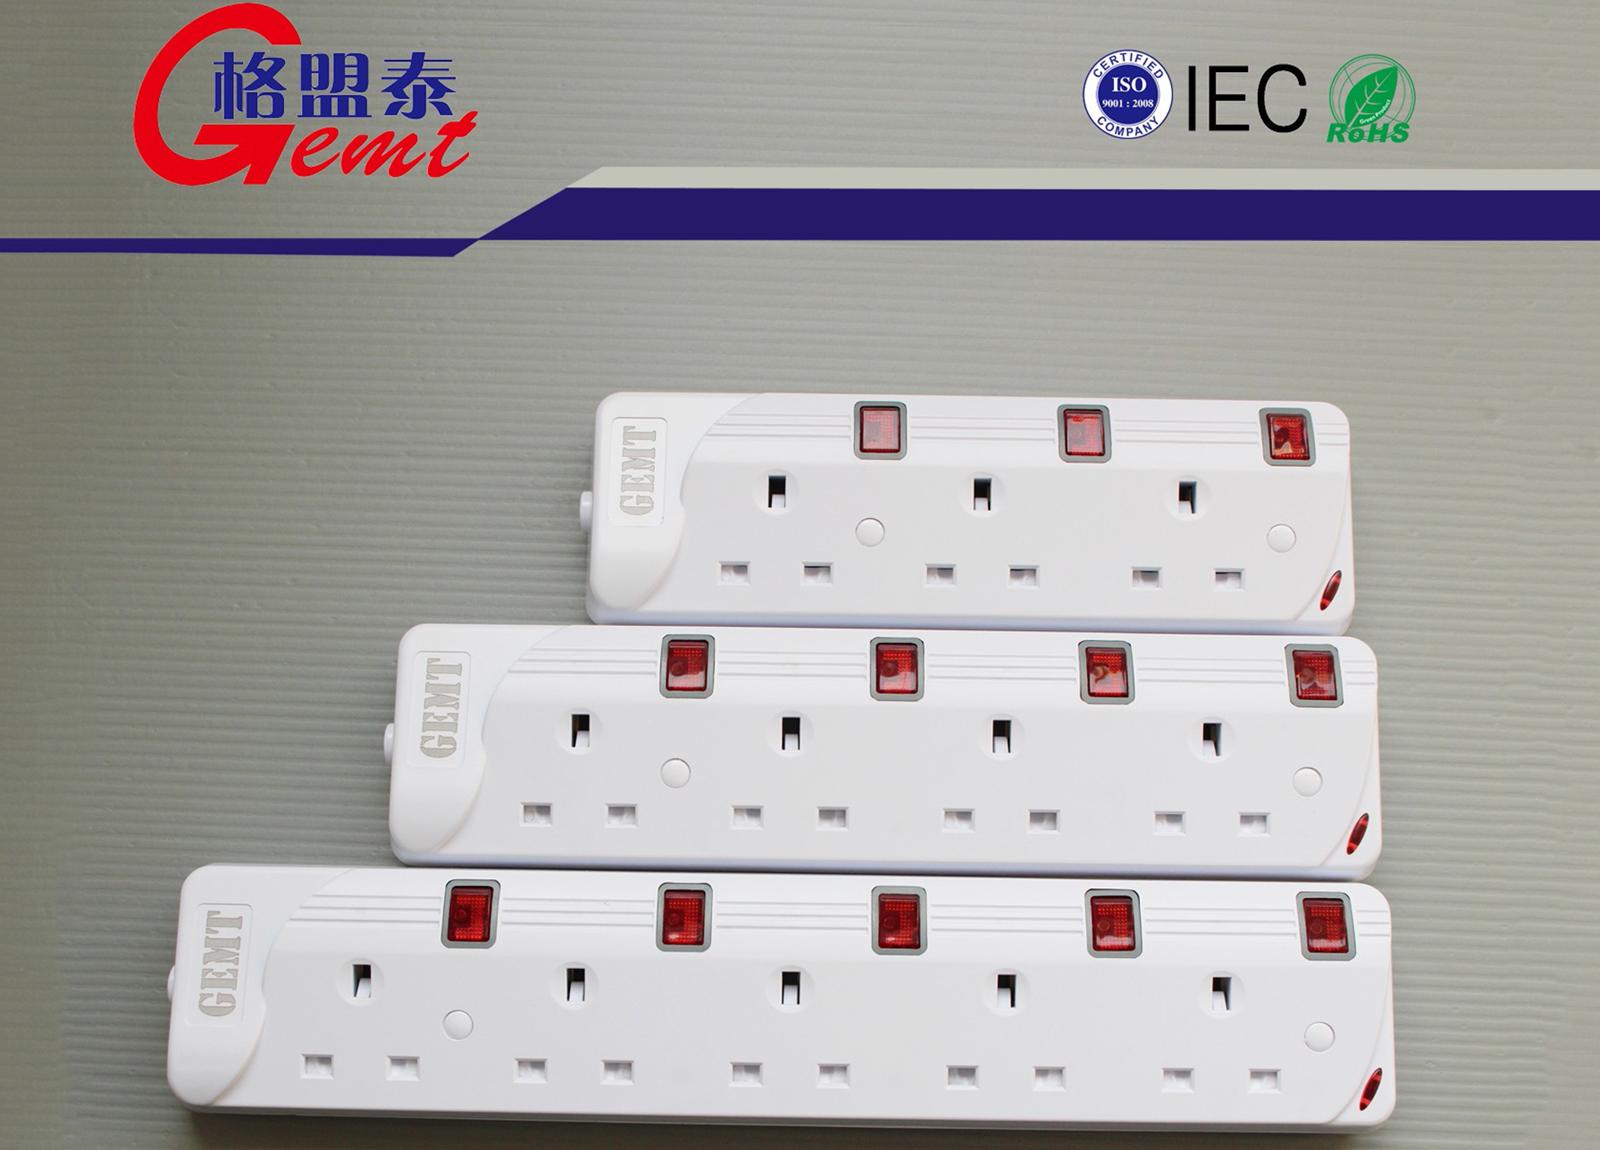 87系列英式排插3-5位带独立开关英标排插英规带线排插IECROHS认证